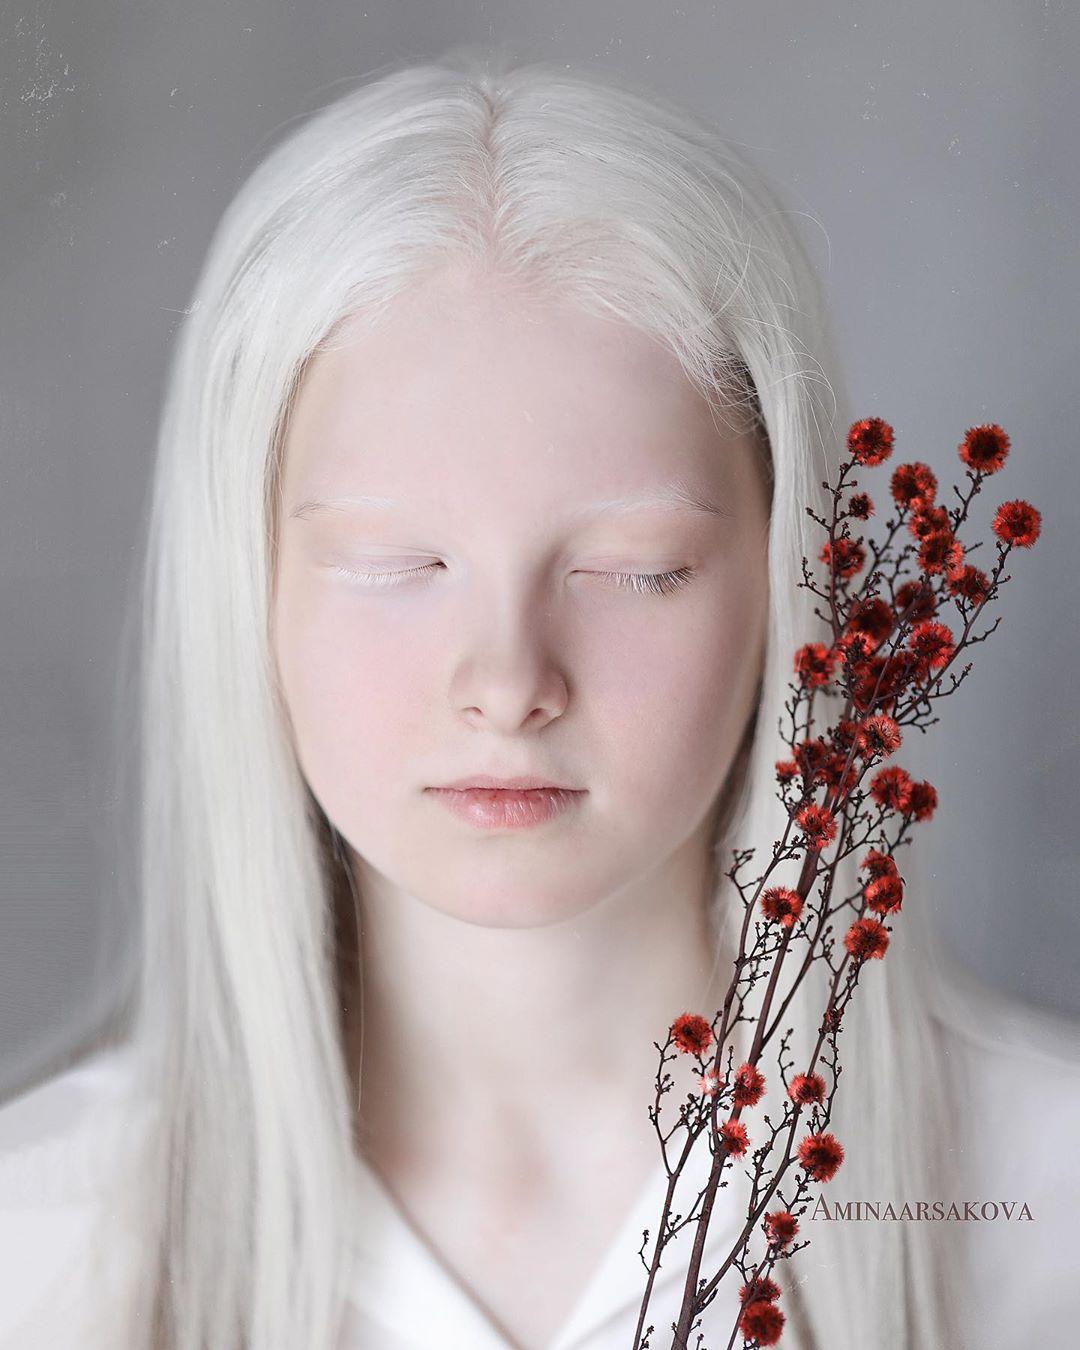 Garota chechena atordoa a Internet com sua beleza sobrenatural 03